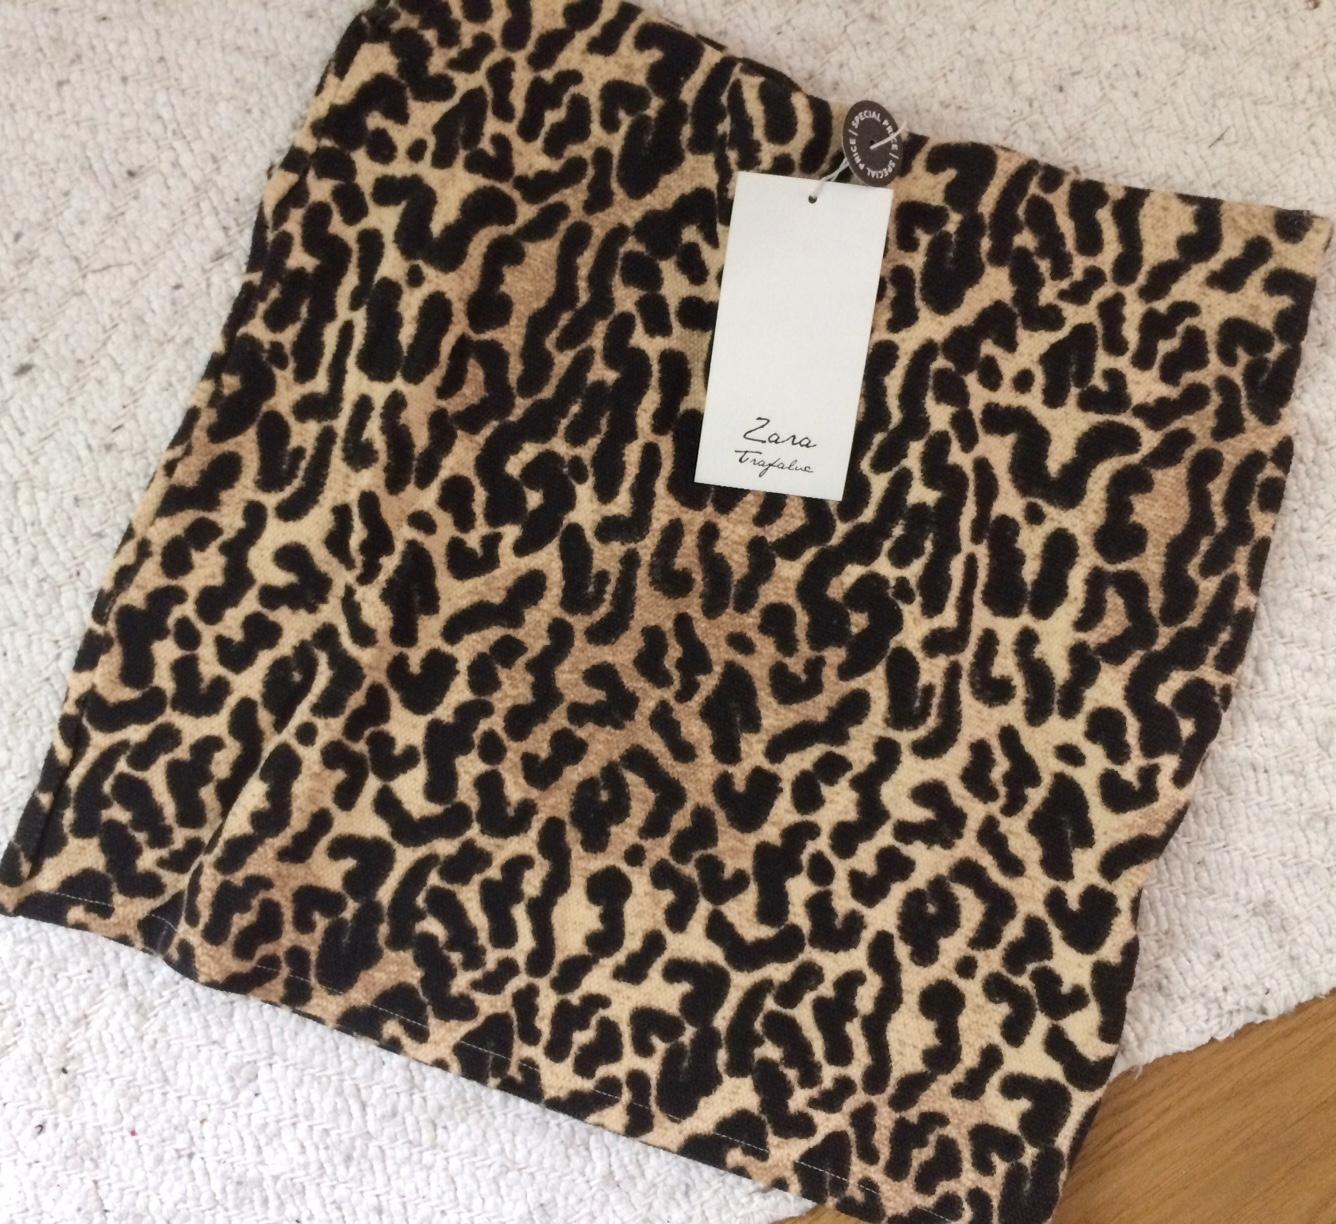 da10c6bb67 Kratší tygrovaná sukně zara s 36